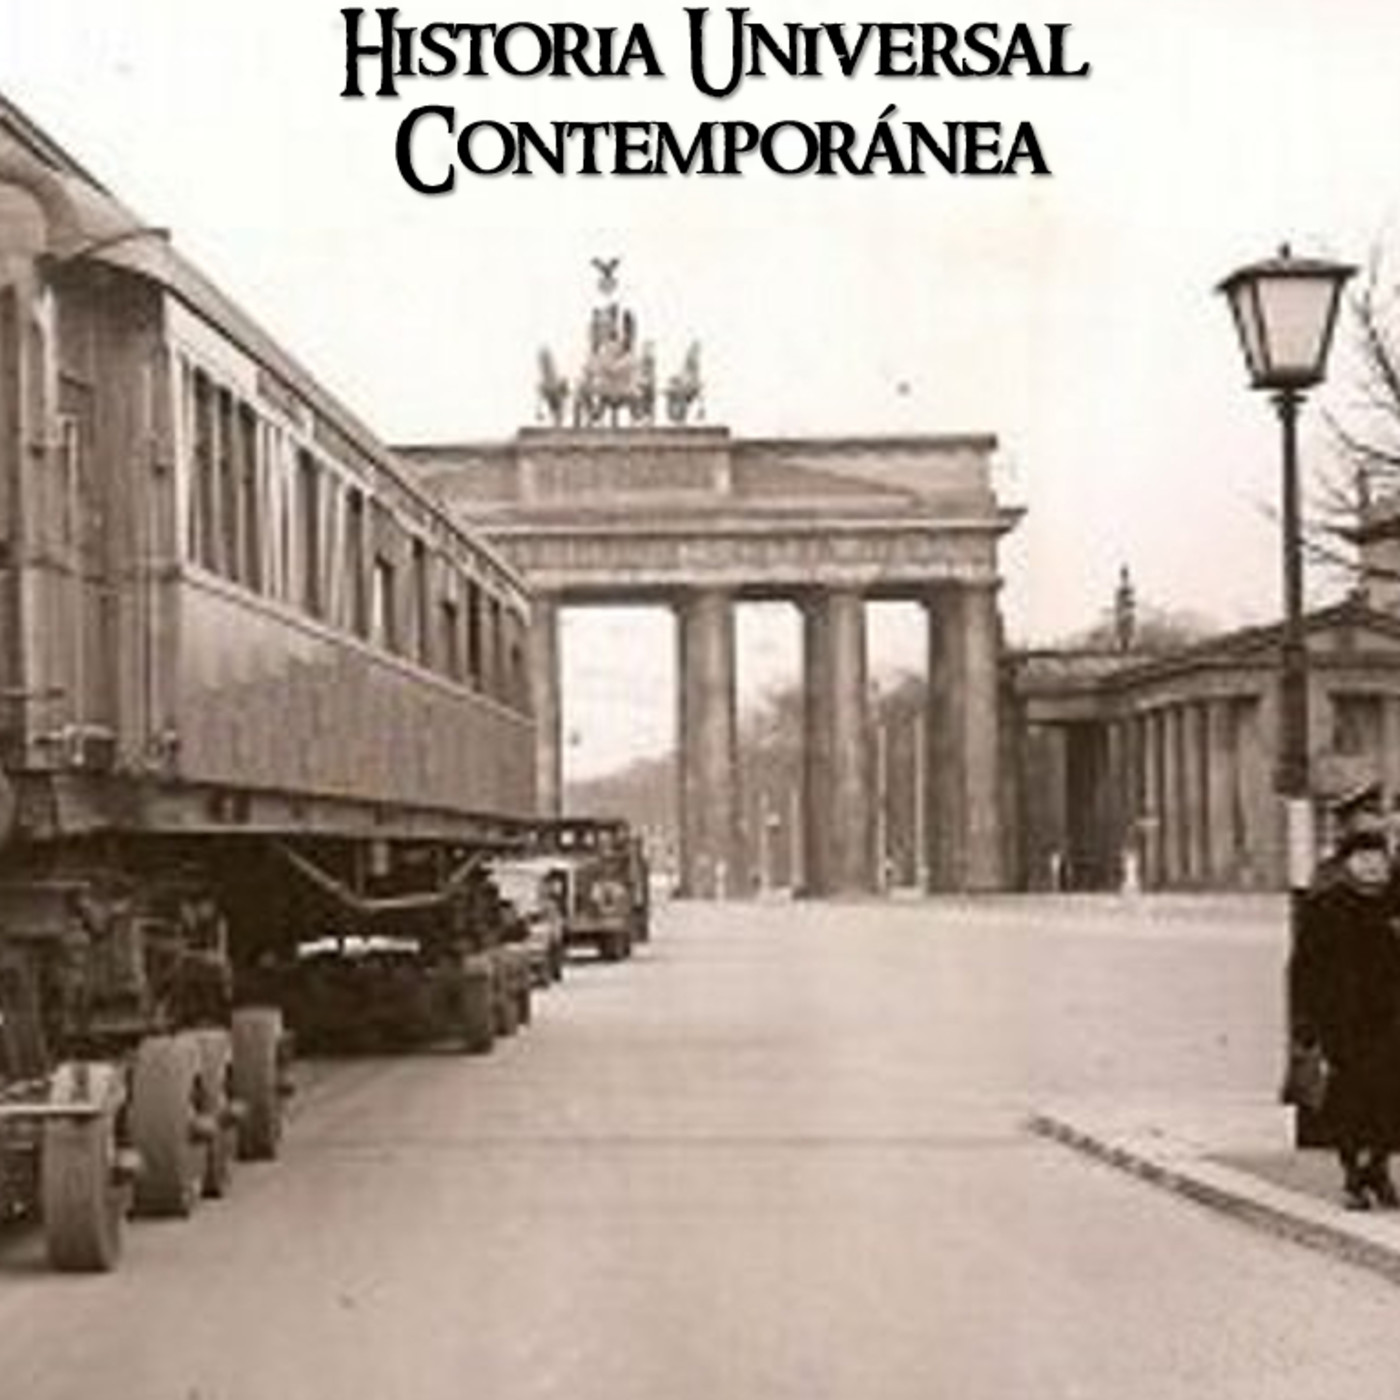 11 de noviembre de 1918 y el Tratado de Versalles